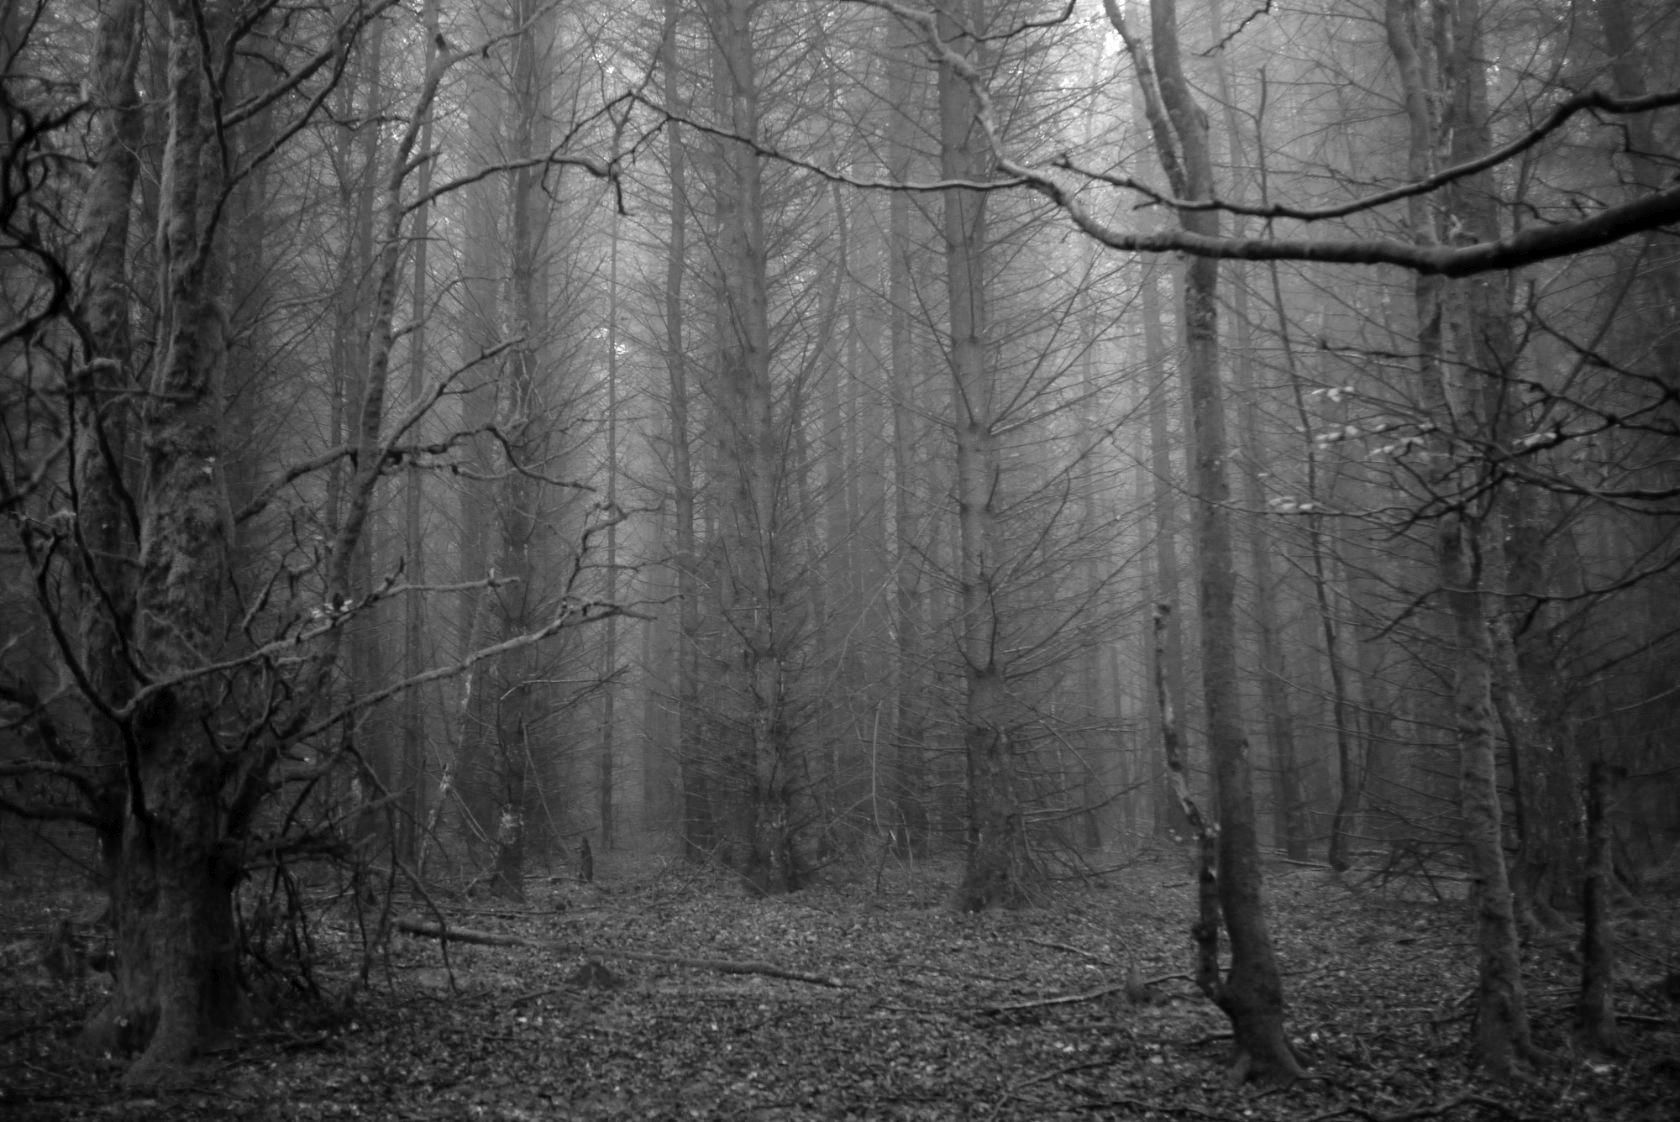 trees-1 14897595868 o